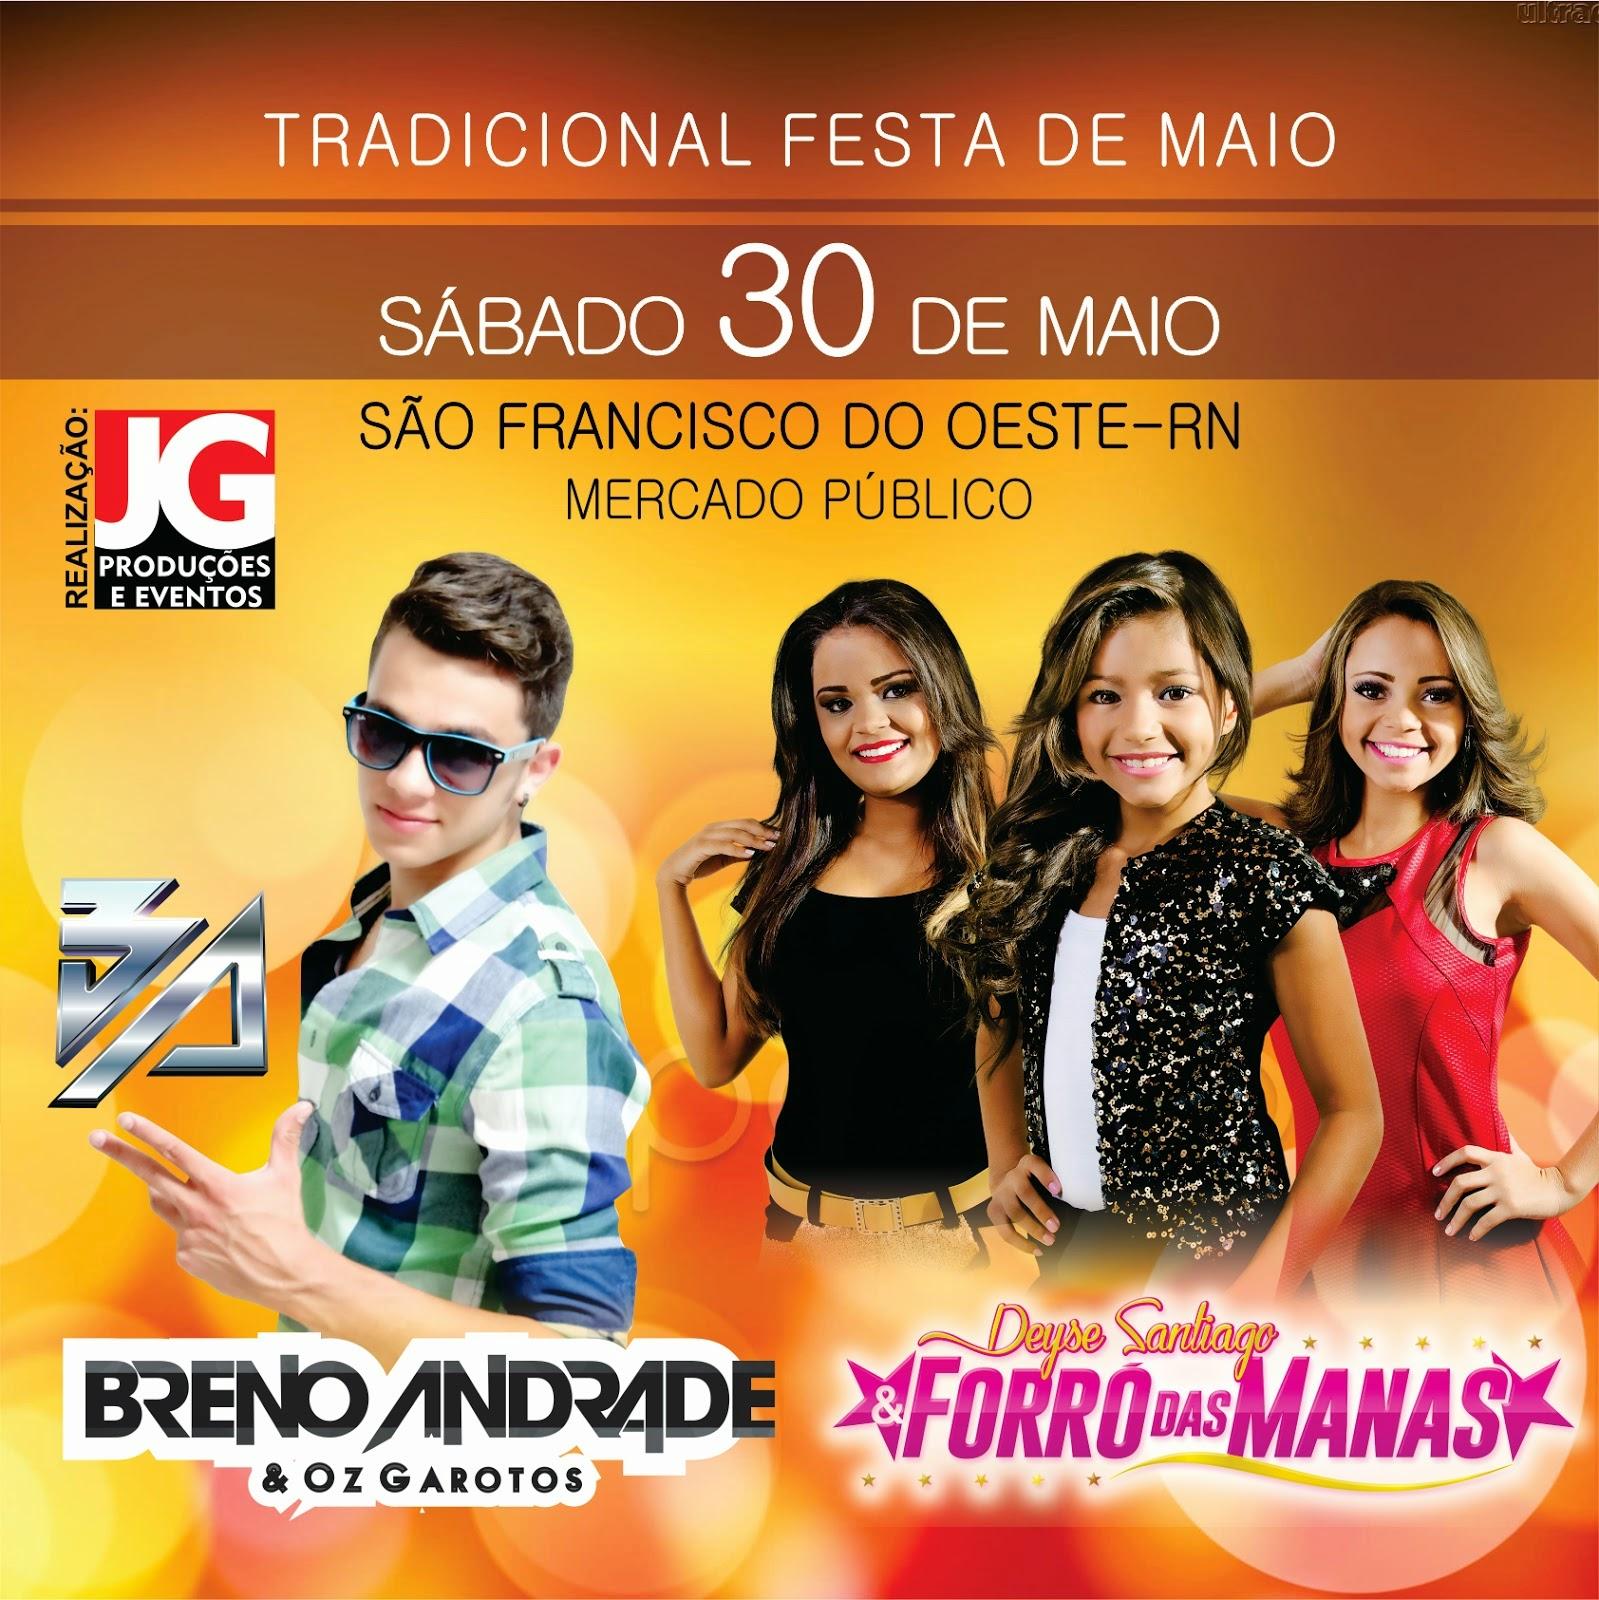 TRADICIONAL FESTA DE MAIO